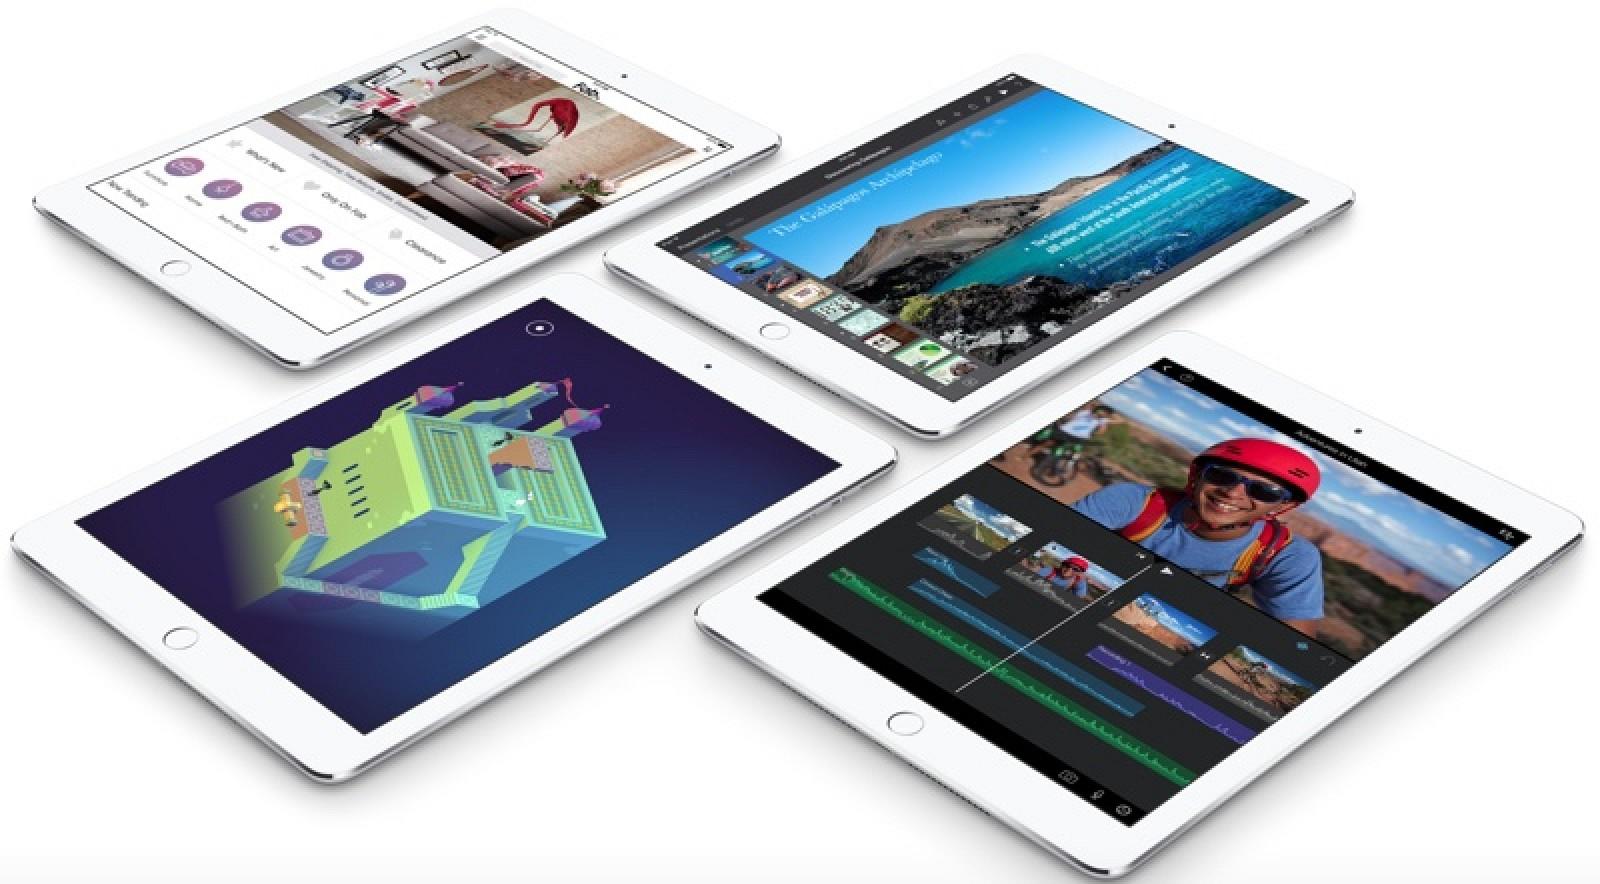 apple ipad air 2 manual pdf